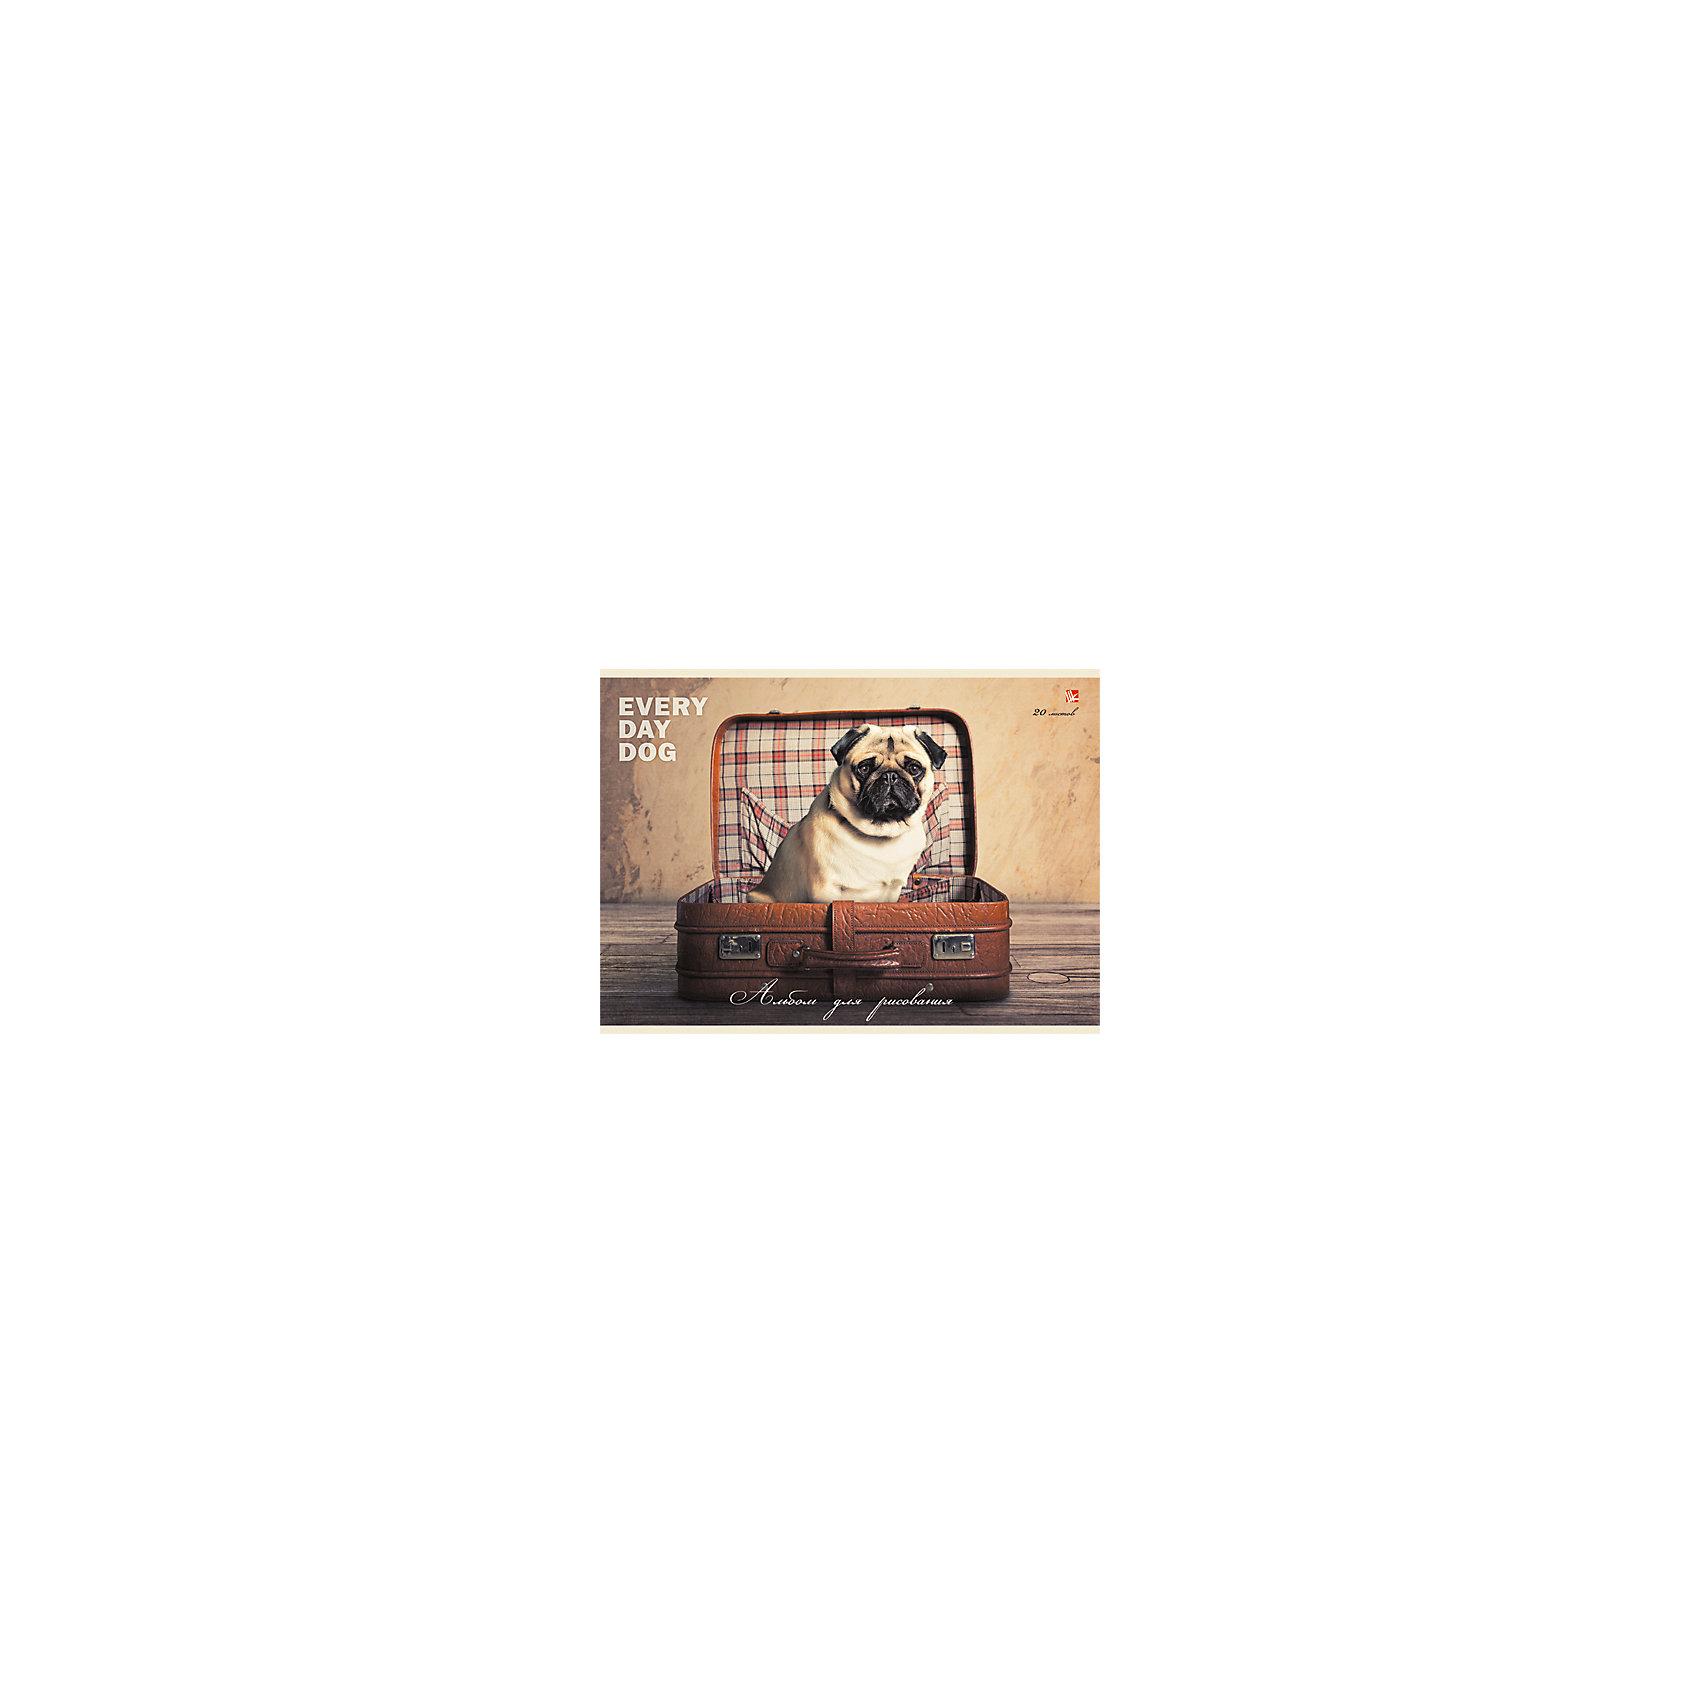 Альбом для рисования Пес-путешественник, 20лБумажная продукция<br>Альбом для рисования Пес-путешественник  - незаменимый помощник начинающим художникам. Удобное крепление и плотные страницы превратят процесс рисования в увлекательное и интересное занятие. Художественное творчество развивает внимание, усидчивость и воображение.<br><br>Дополнительная информация:<br>Внутренний блок: офсет 110 г/м2<br>Обложка: мелованный картон.<br>Количество листов: 20<br>Крепление: склейка<br>Альбом для рисования Пес-путешественник вы можете приобрести в нашем интернет-магазине.<br><br>Ширина мм: 210<br>Глубина мм: 297<br>Высота мм: 8<br>Вес г: 214<br>Возраст от месяцев: 72<br>Возраст до месяцев: 144<br>Пол: Унисекс<br>Возраст: Детский<br>SKU: 4942431